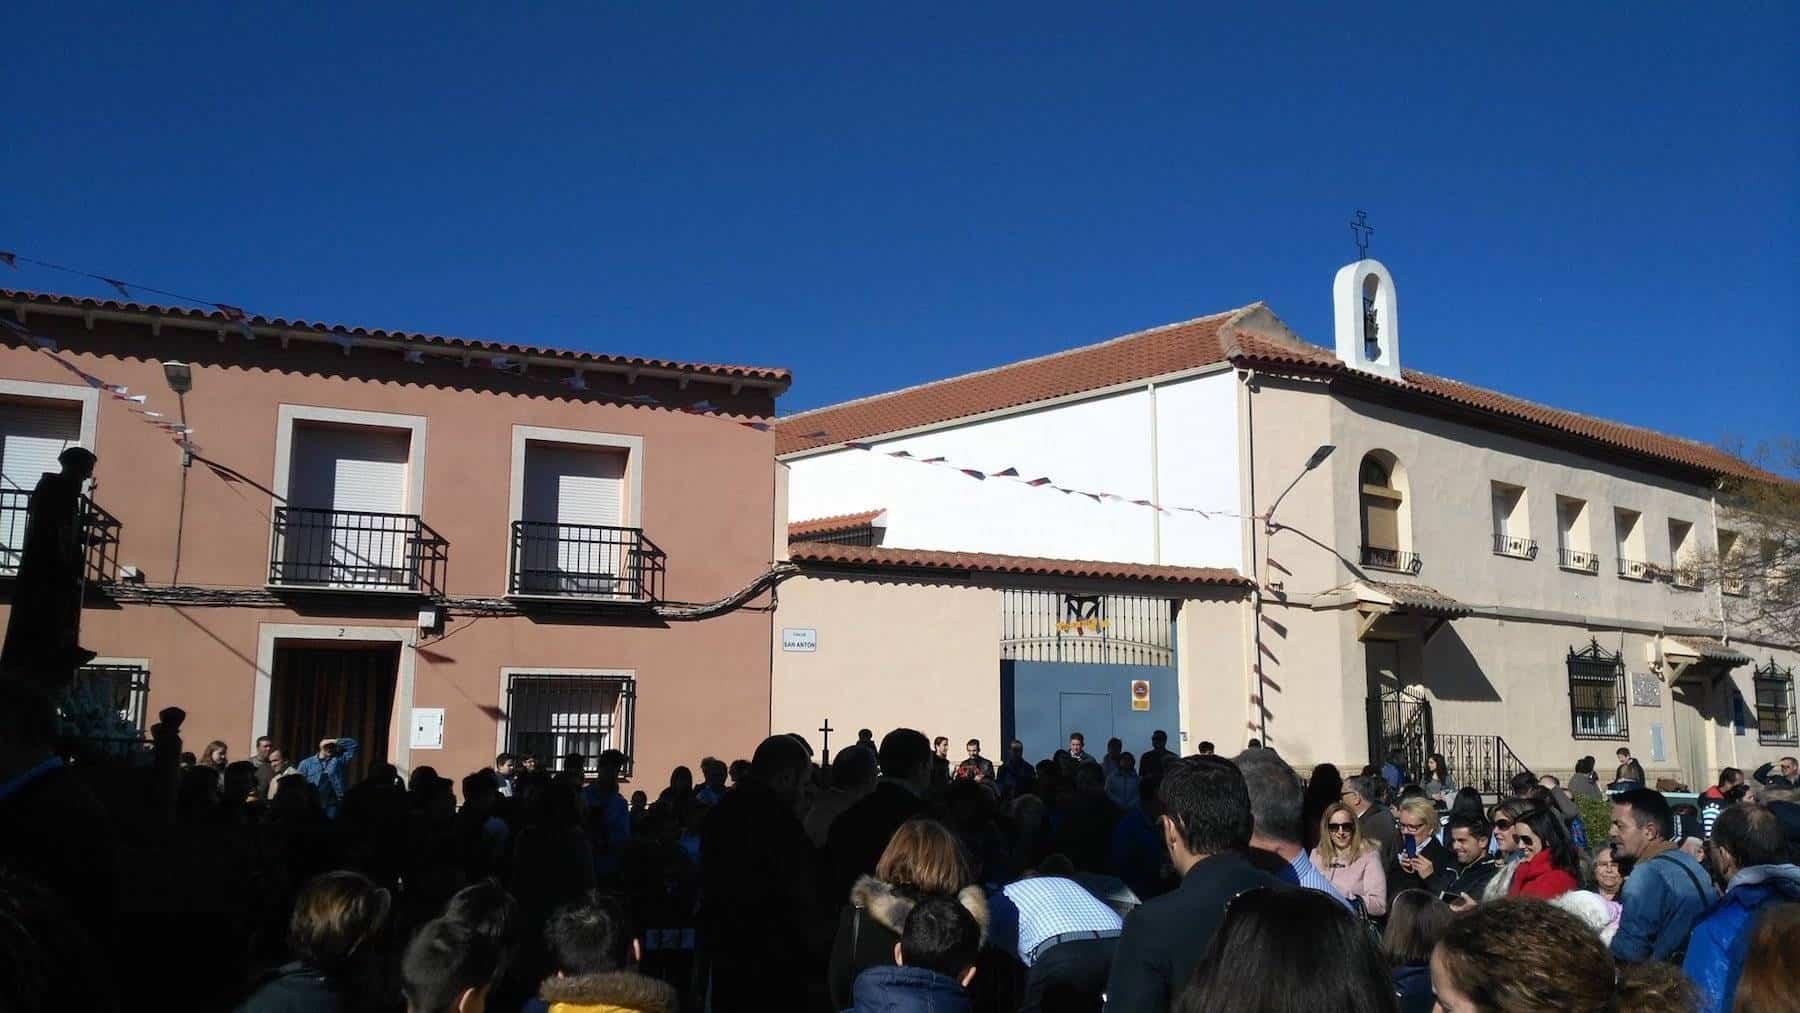 Herencia celebró la festividad de San Antón con su tradicional hoguera 12